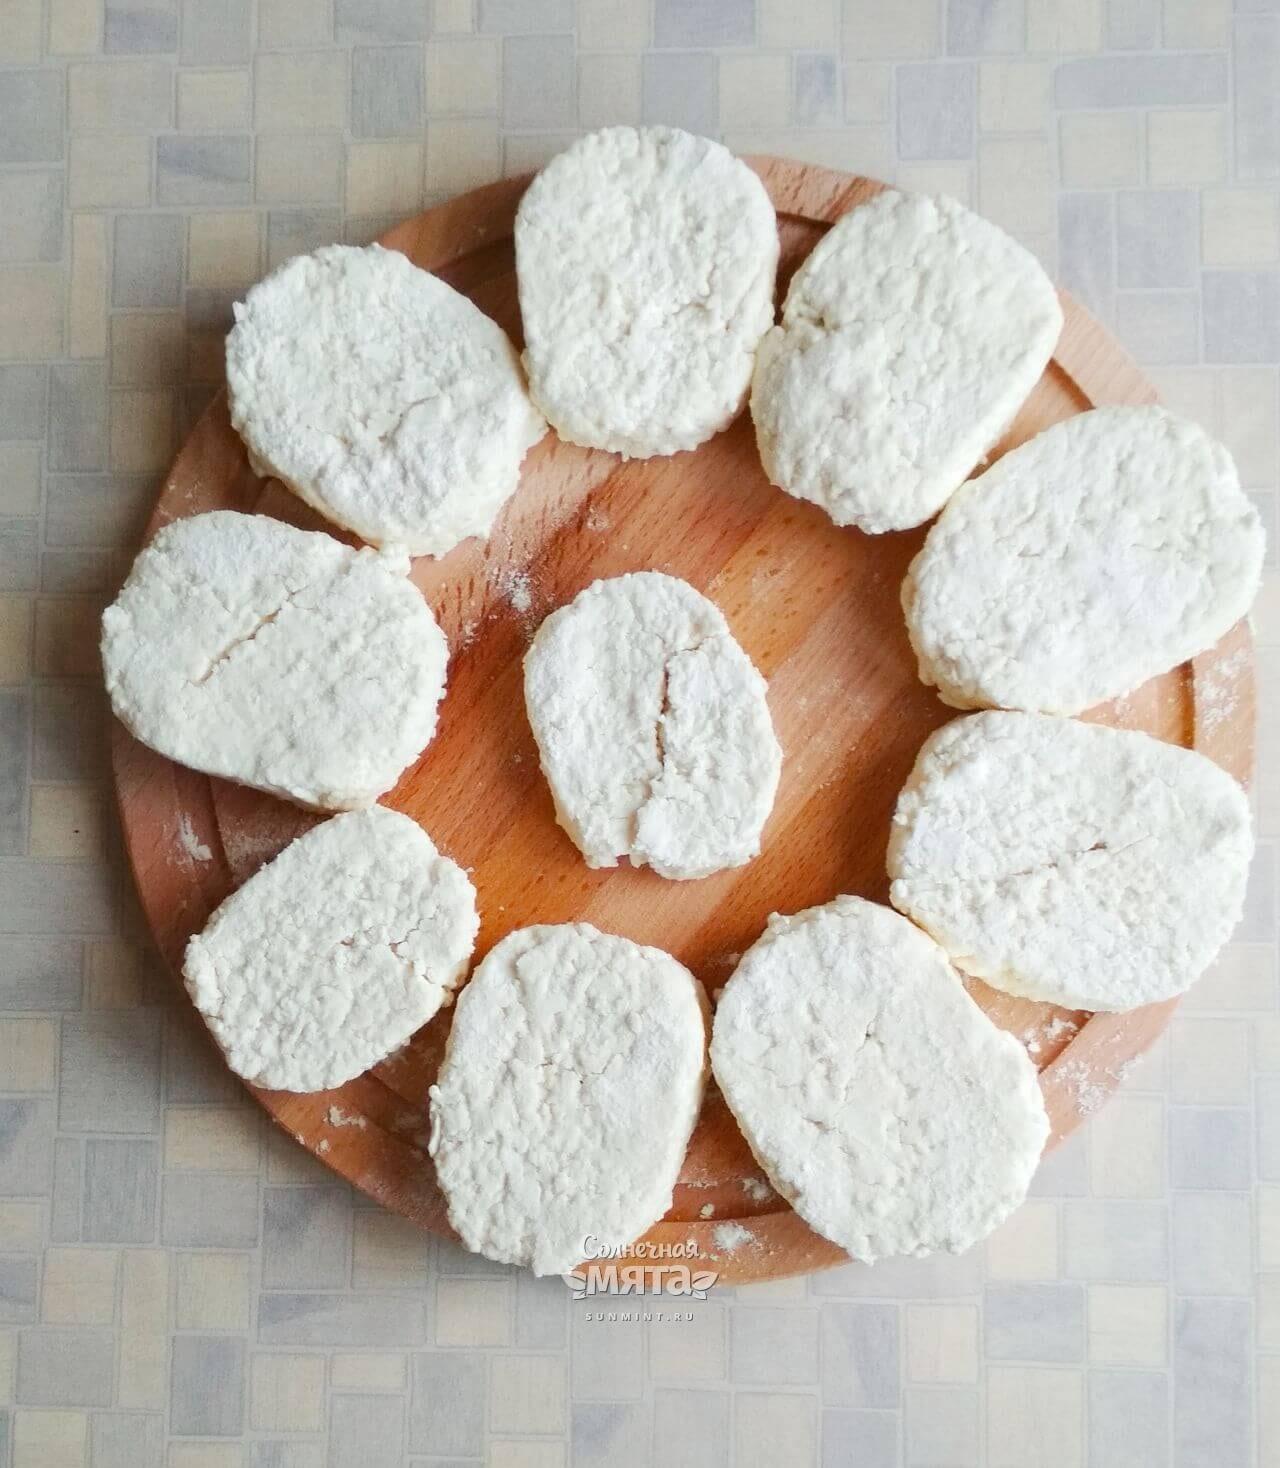 Сырники без яиц - Шаг 5